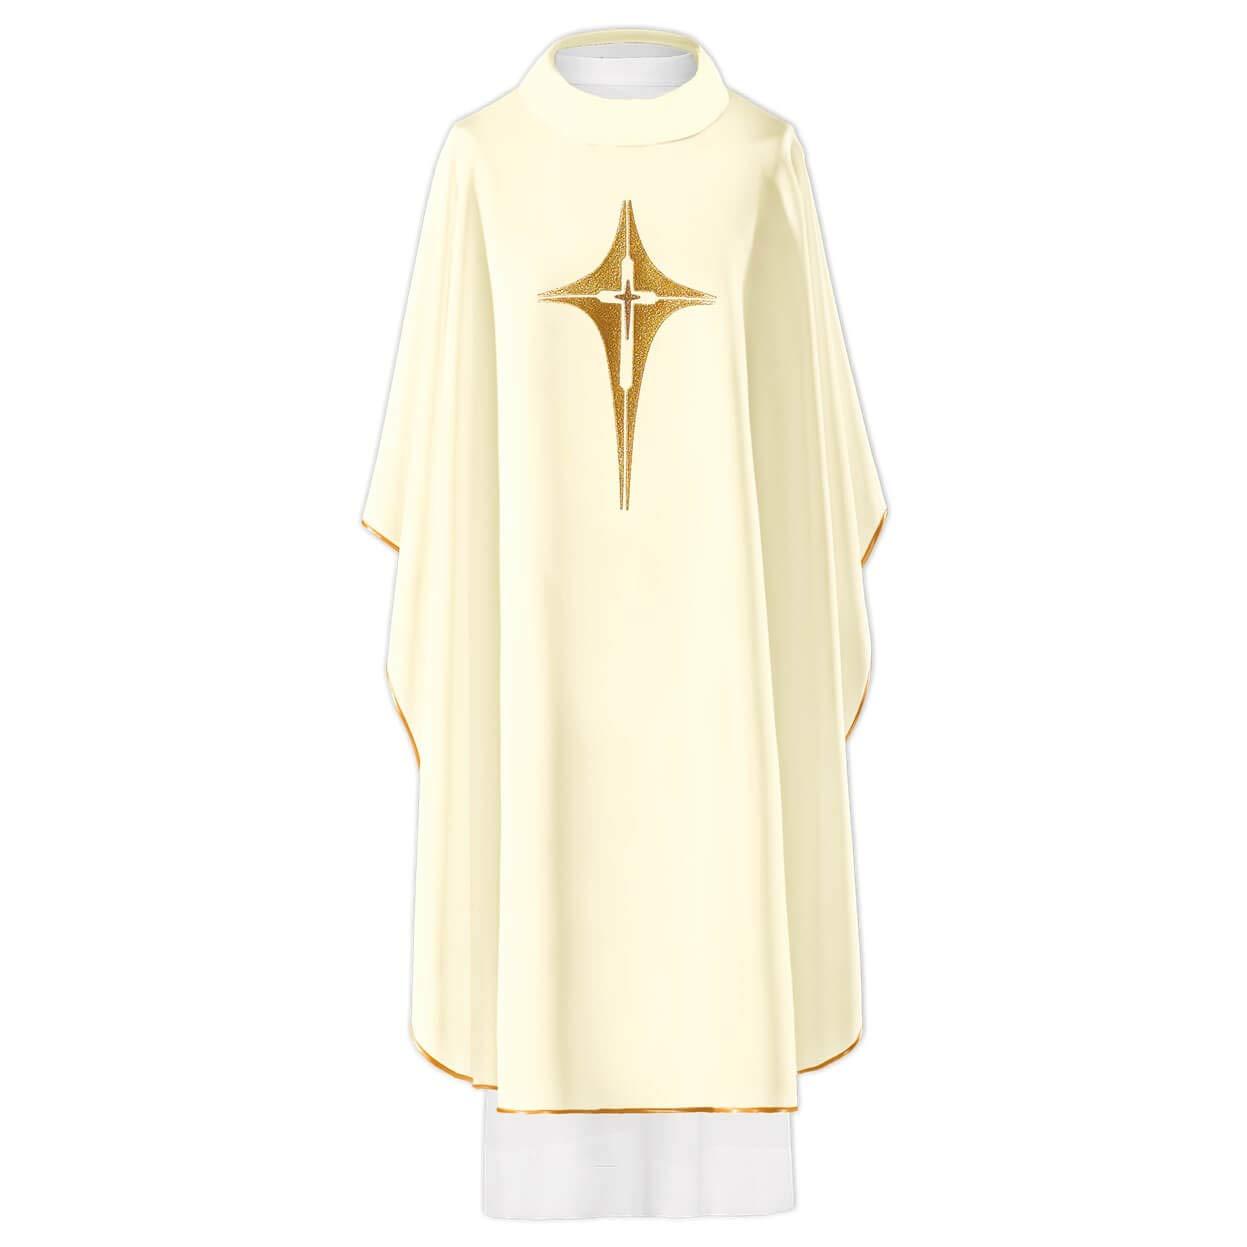 Chaleco de iglesia gótica con cruz dorada, color blanco y ...